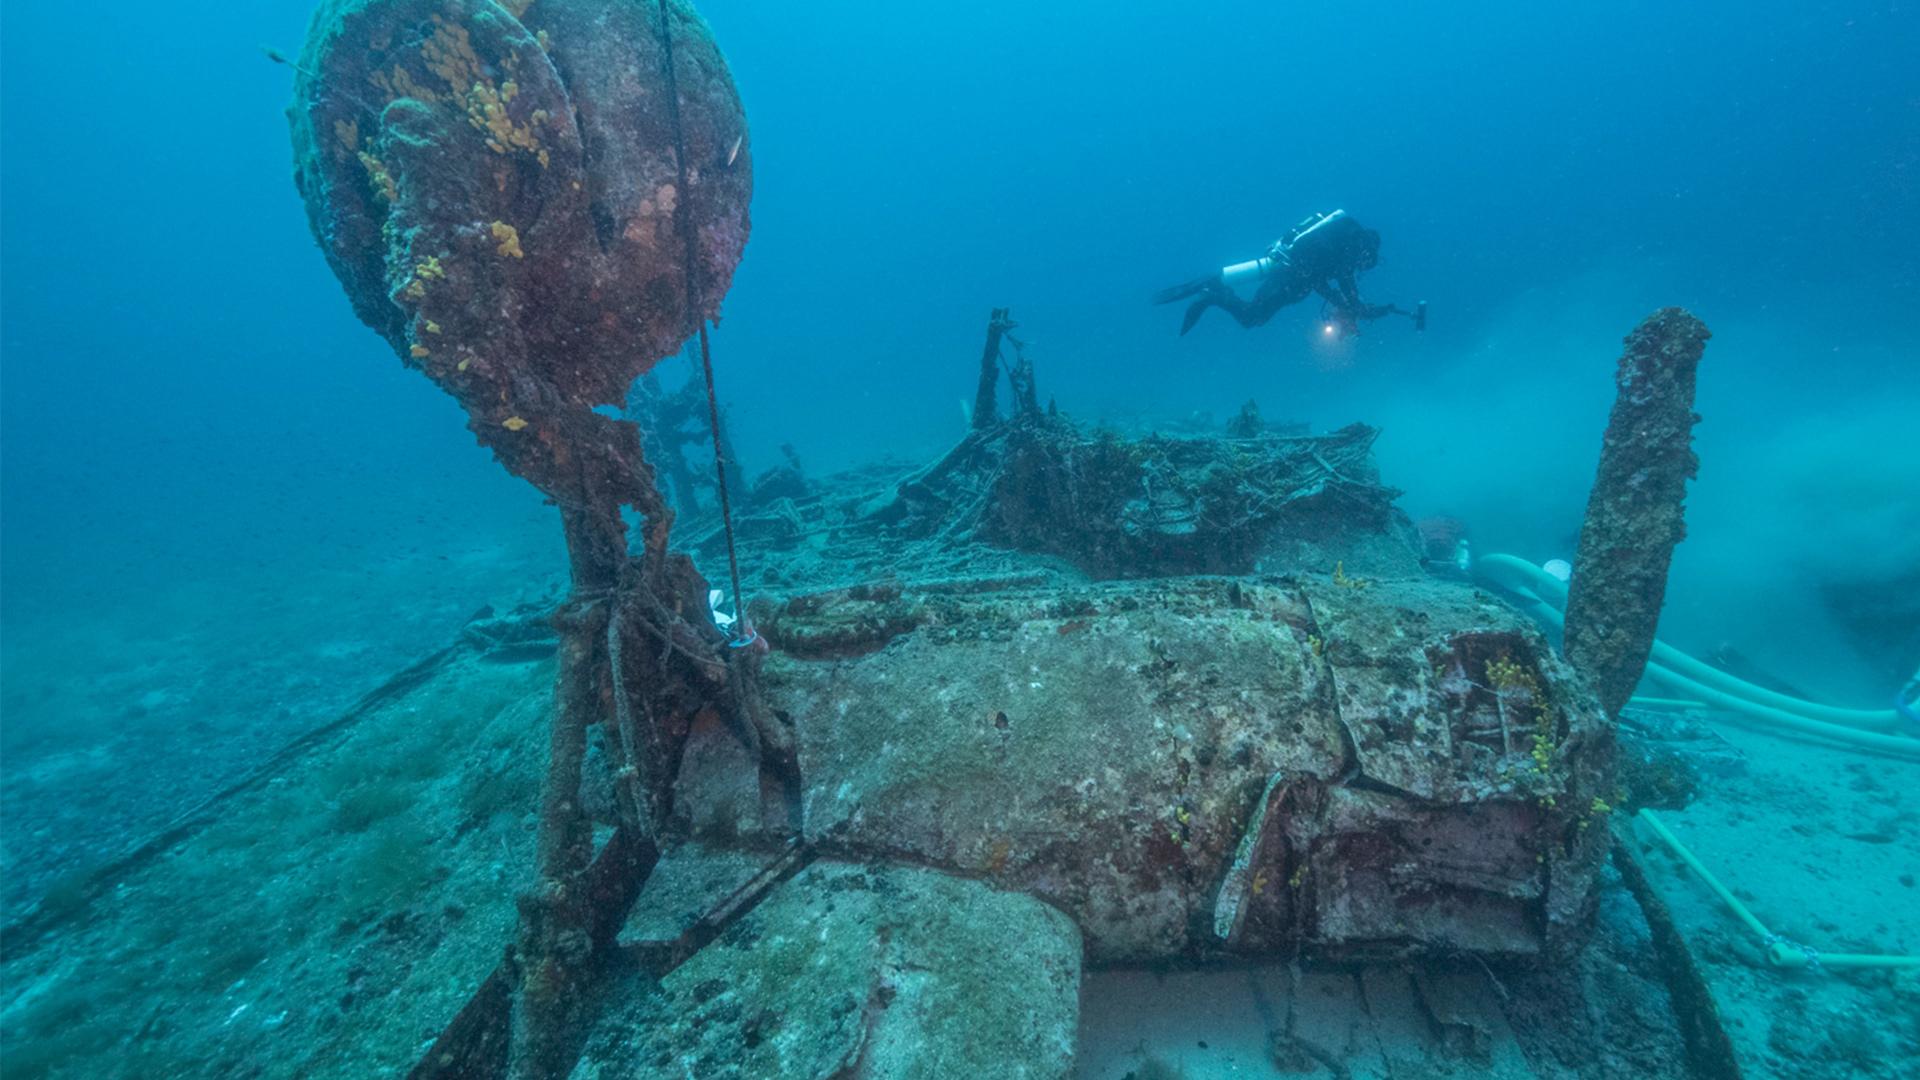 B-24 bomber underwater